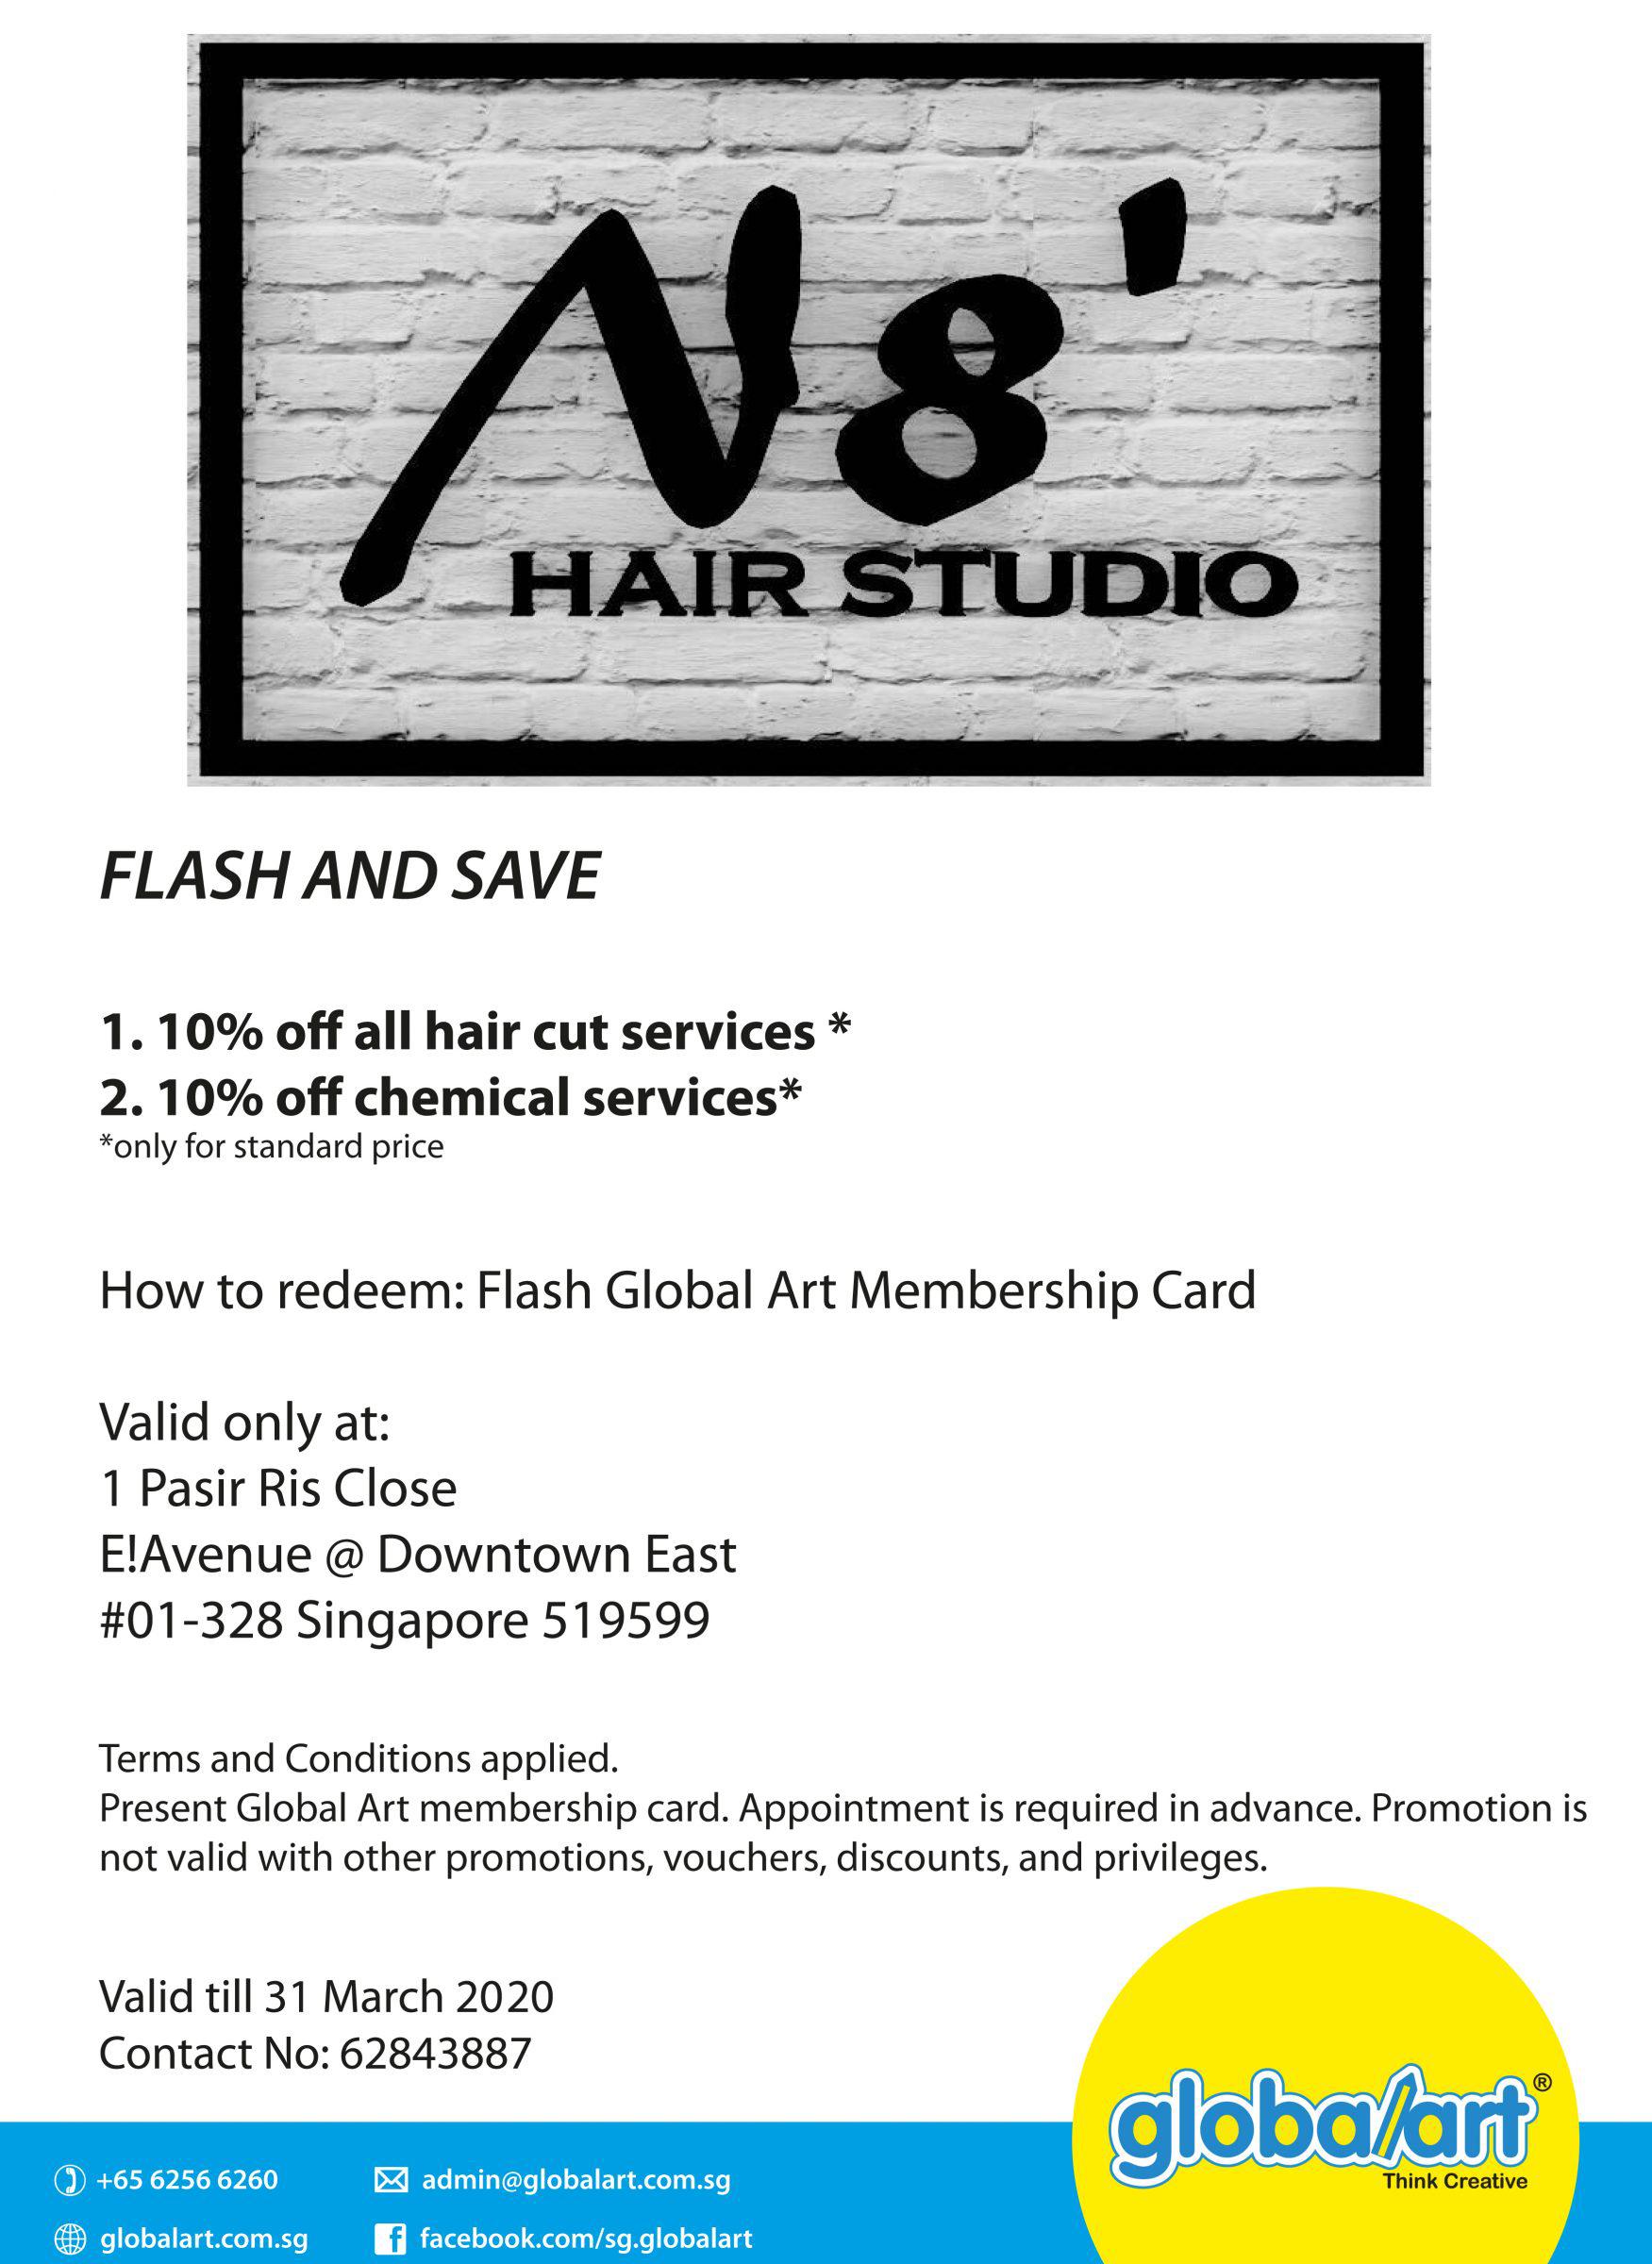 N8-hair-studio-1751x2400 2020